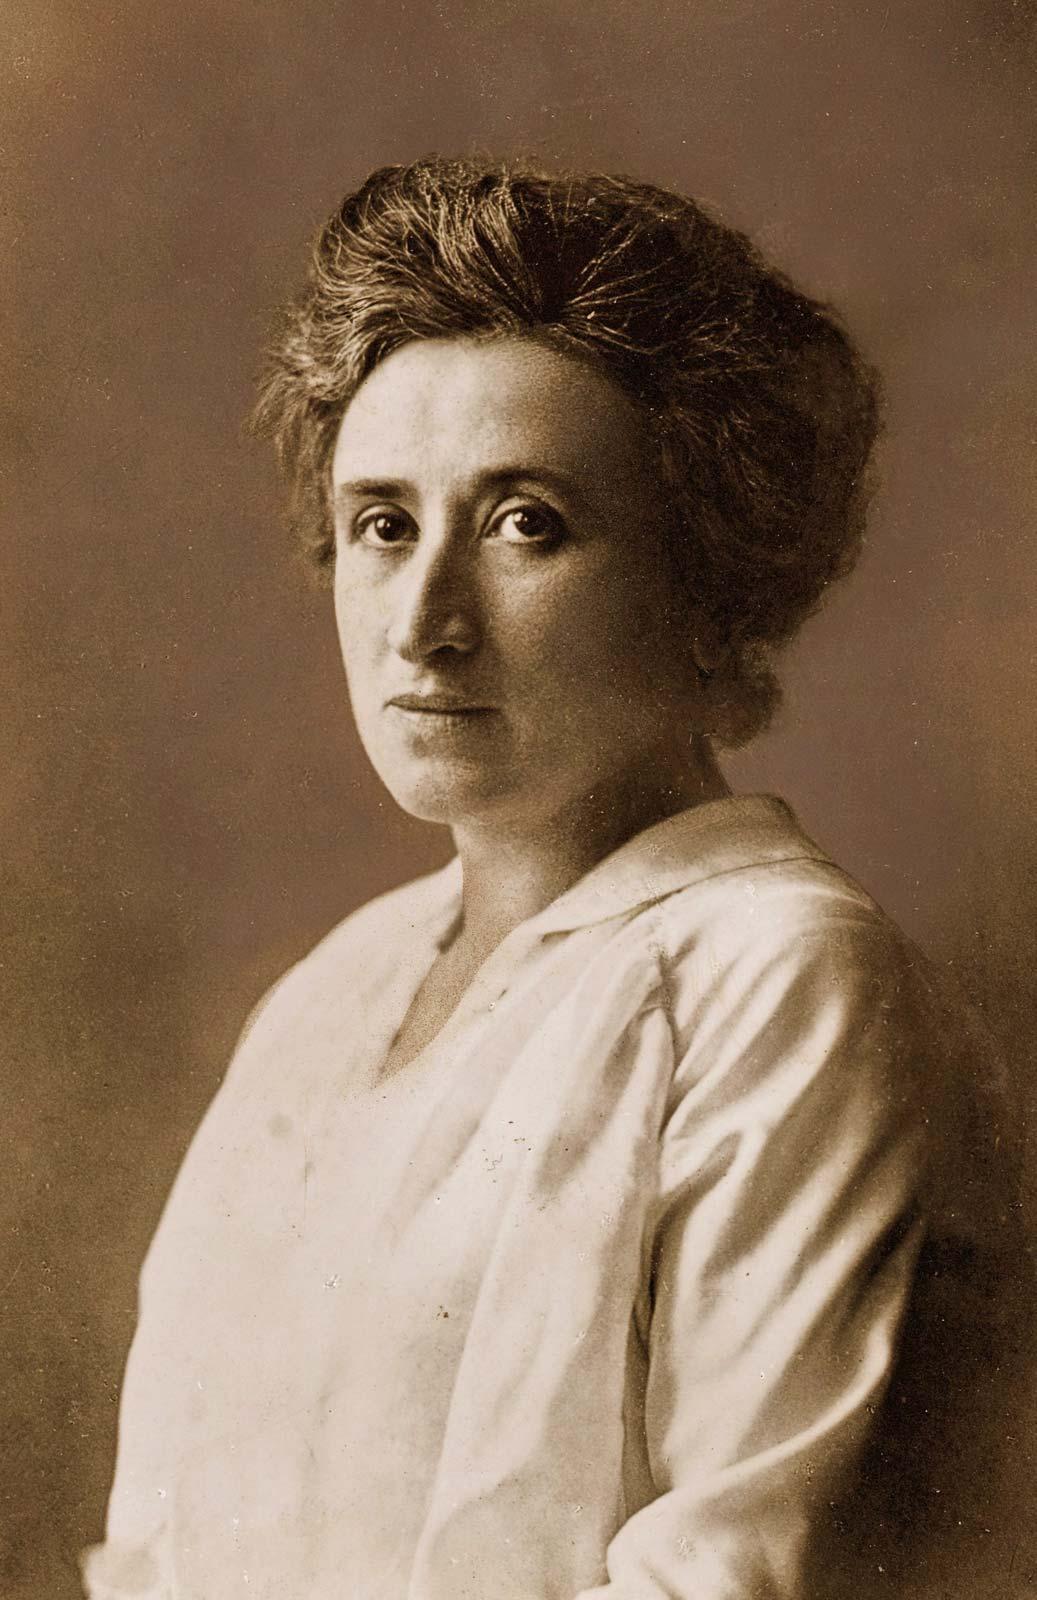 روزا لوكسمبورغ